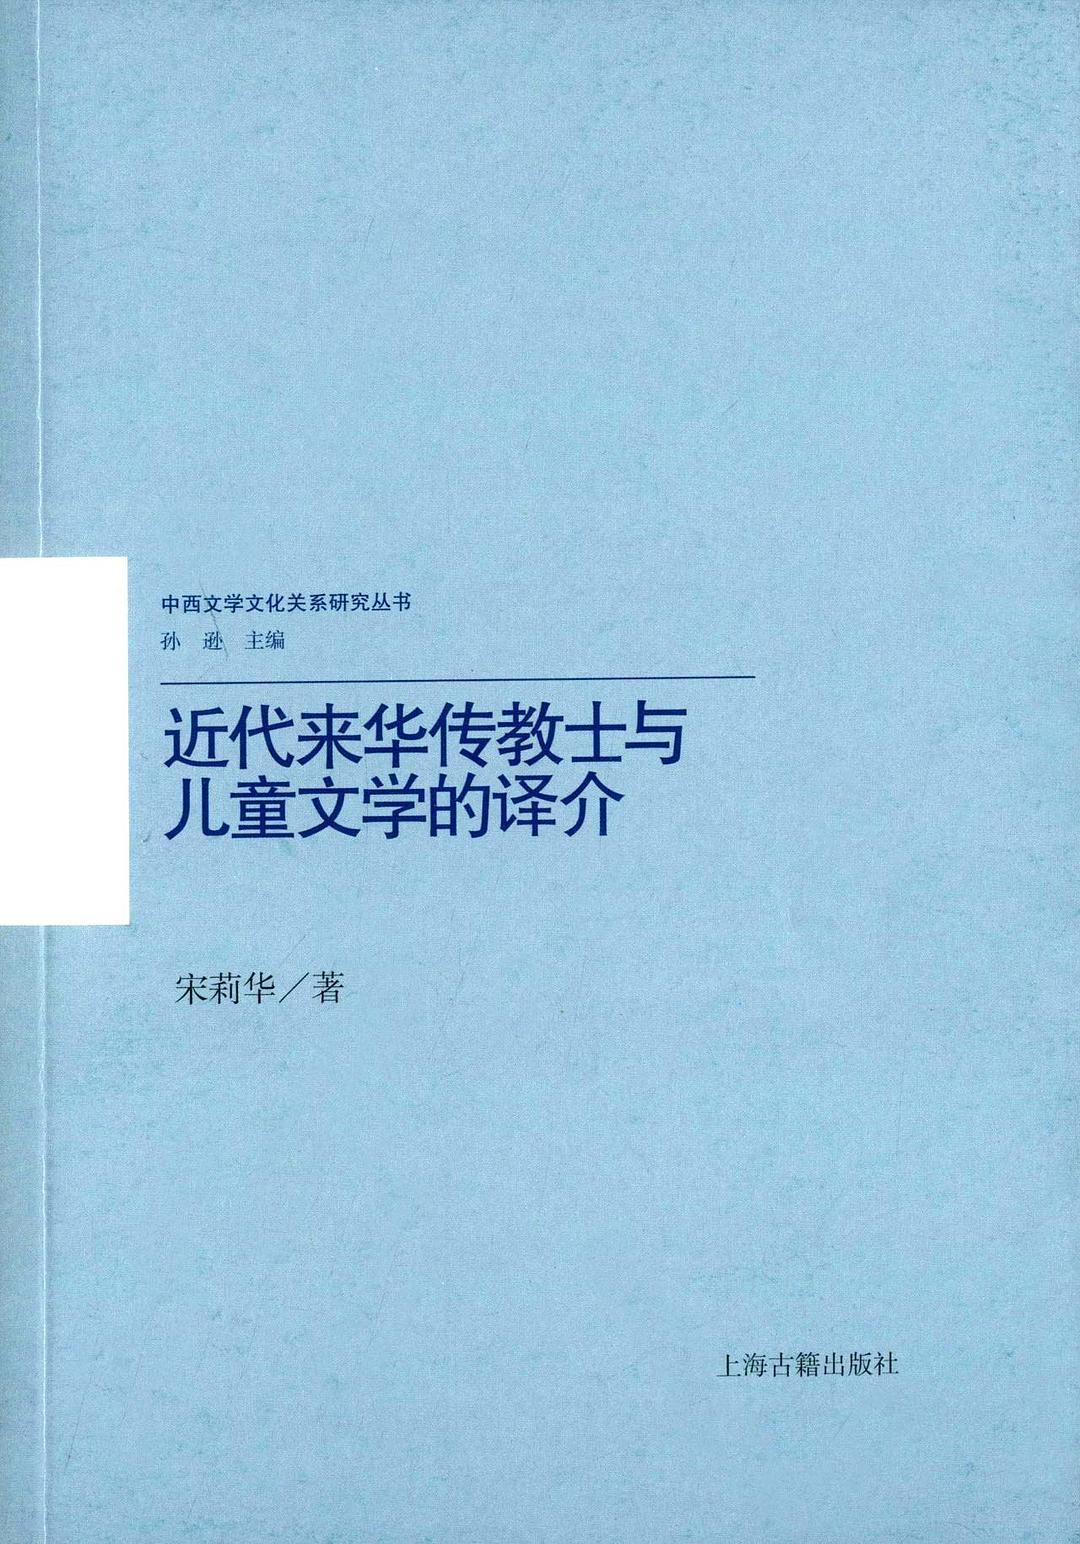 宋莉华:《近代来华传教士与儿童文学的译介》(2015)(图)